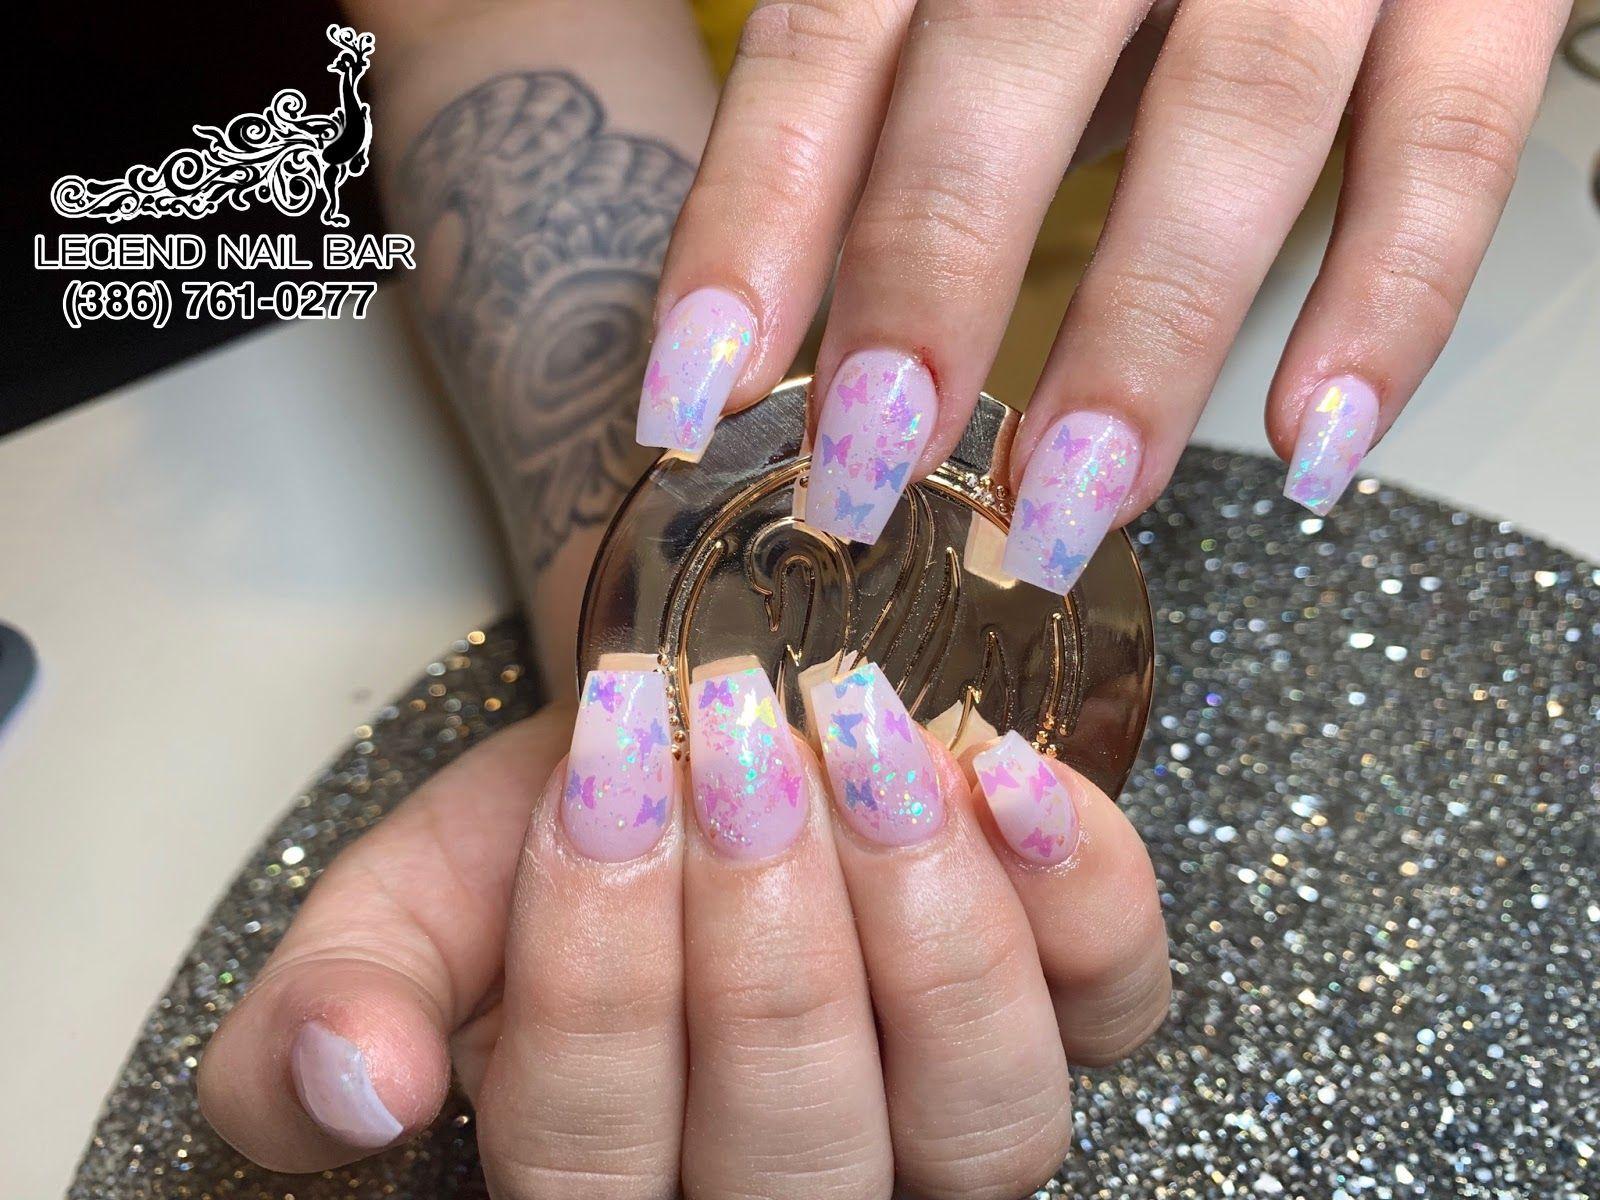 Legend Nail Bar Nail Salon In Port Orange Florida 32127 Manicure Nails Nail Bar